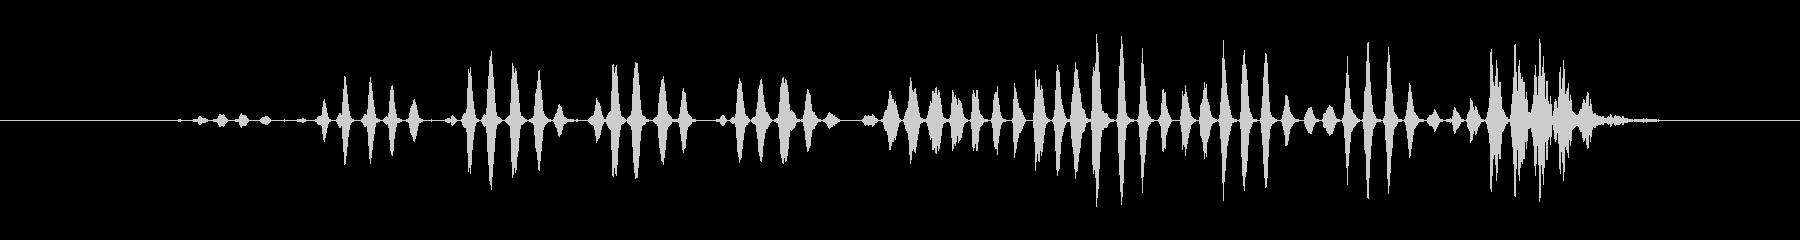 特撮 デジタルラトル01の未再生の波形